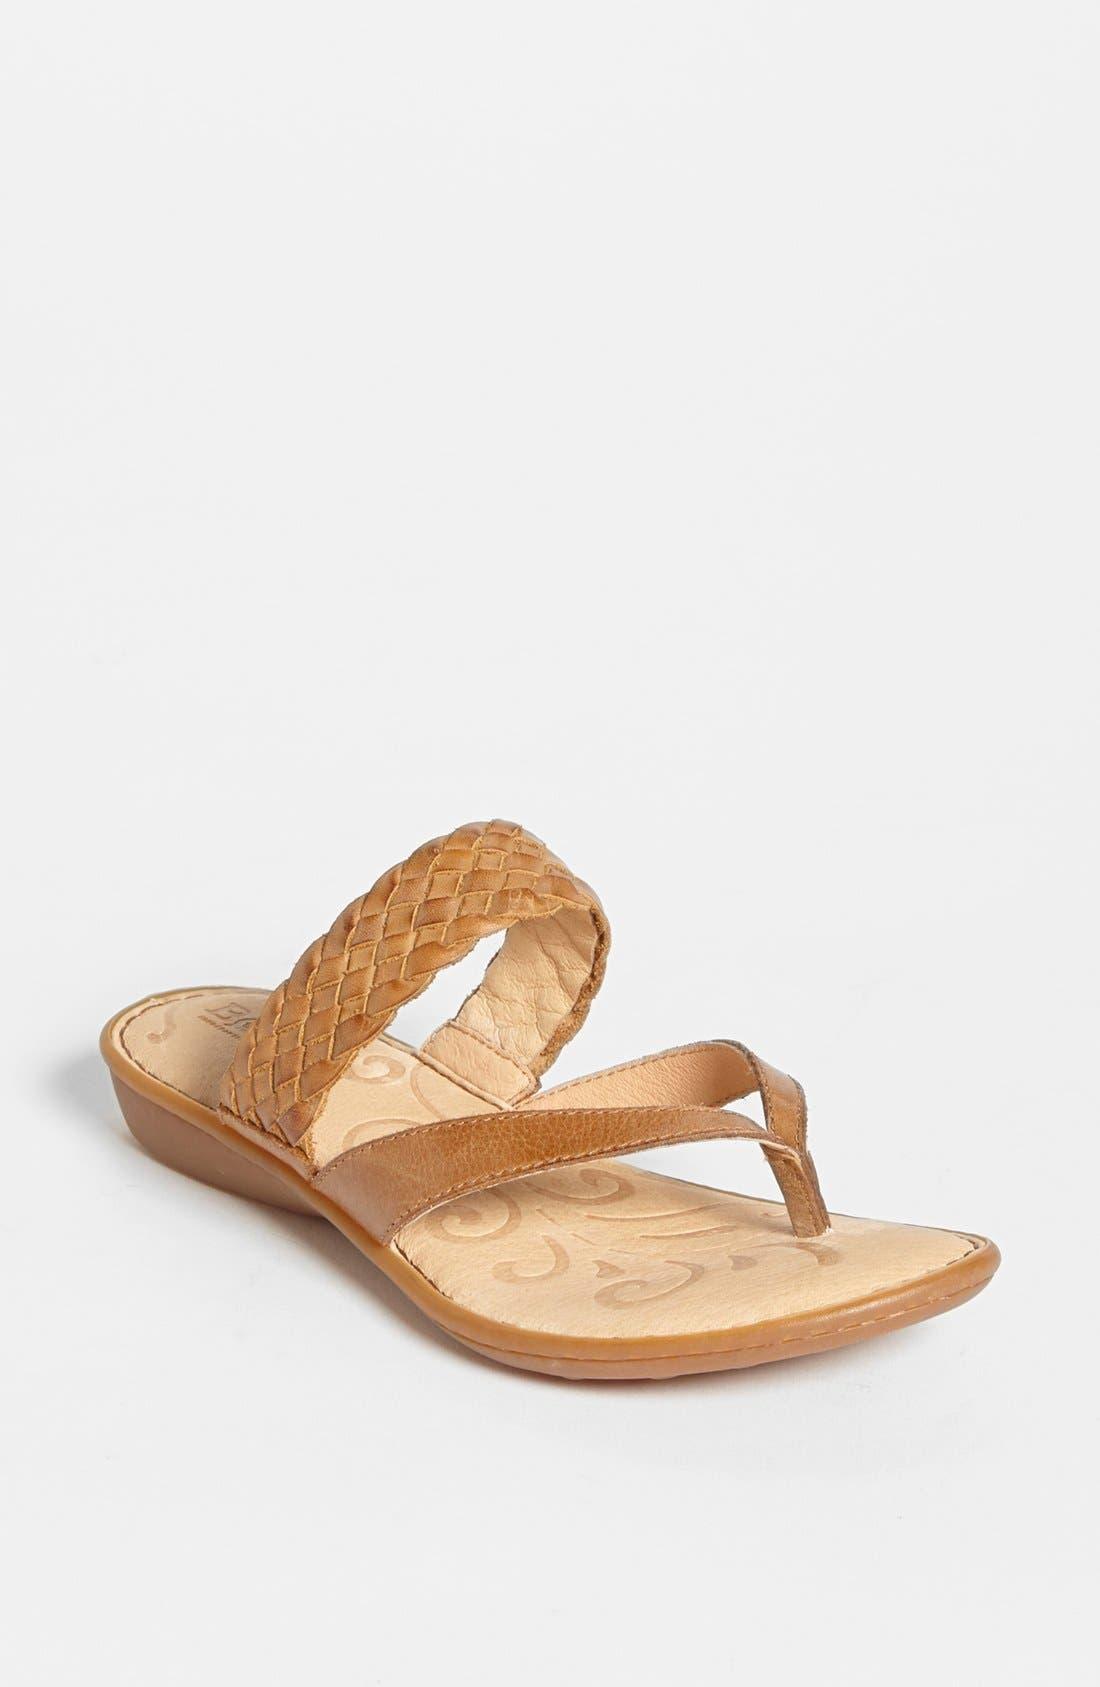 Alternate Image 1 Selected - Børn 'Joya' Sandal (Special Purchase)